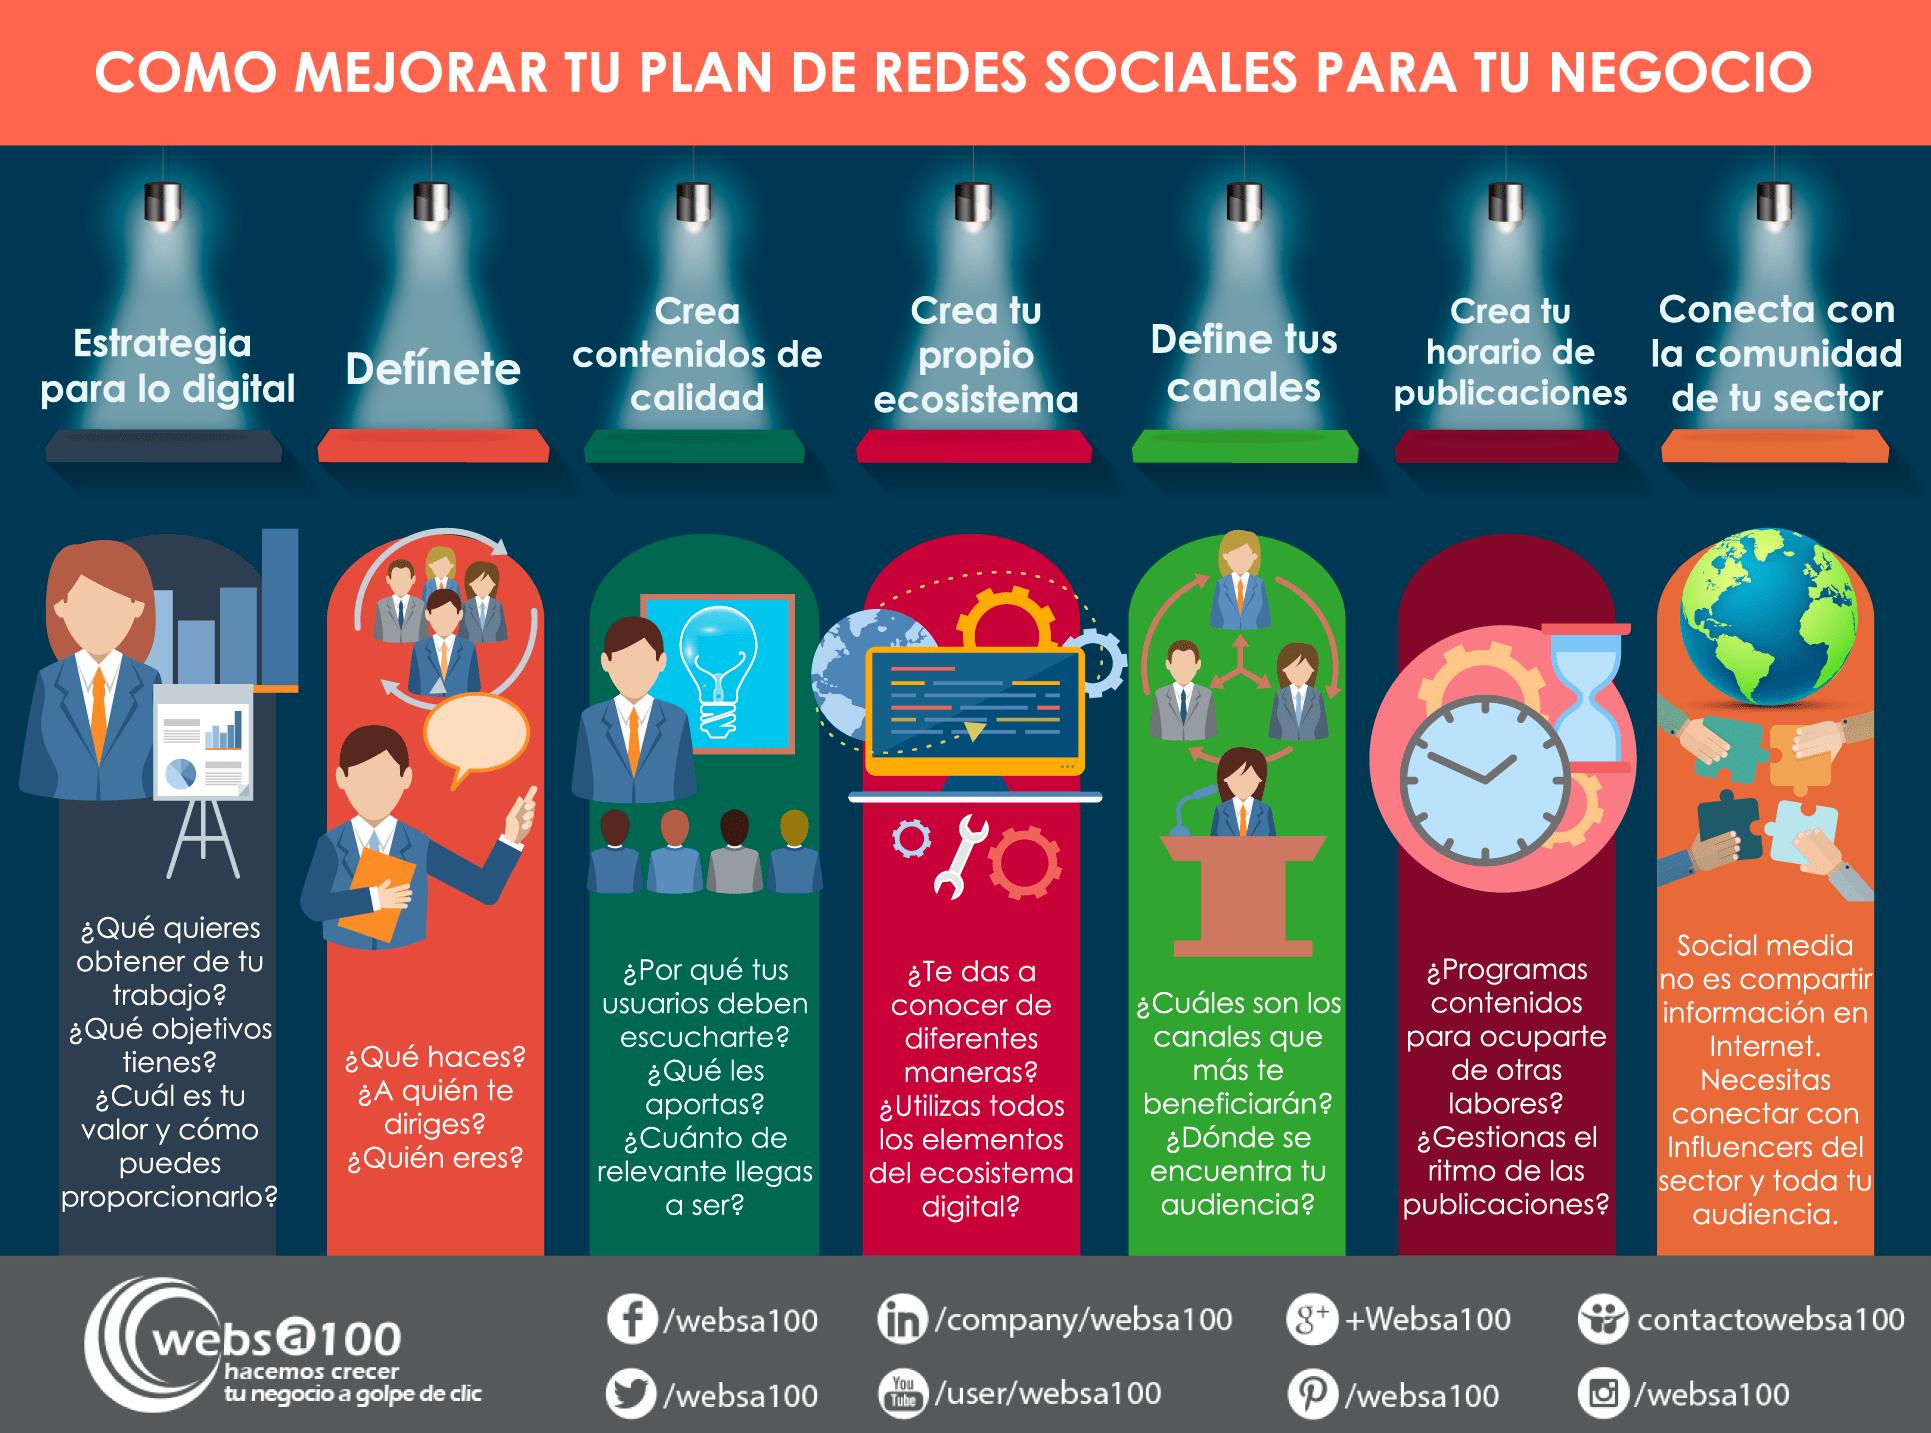 Mejorar el plan de redes sociales